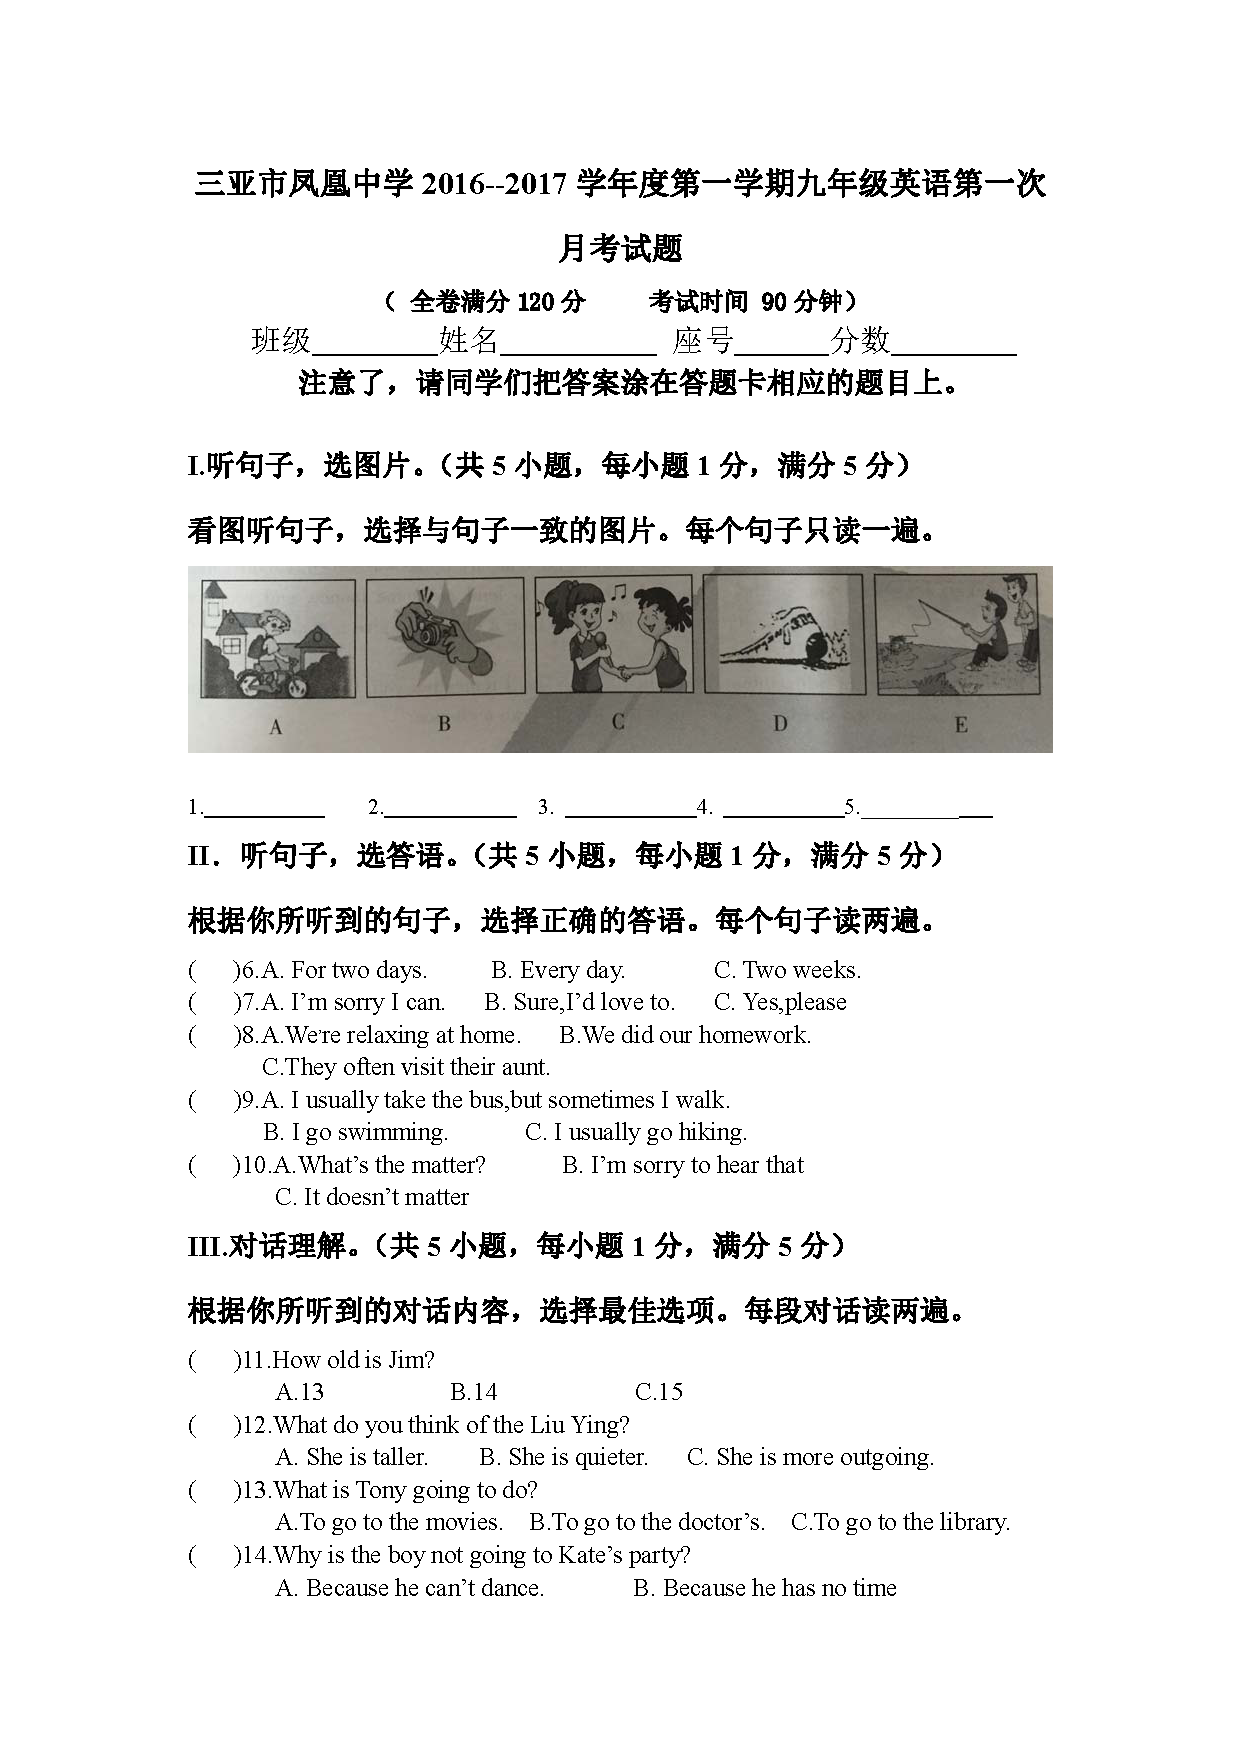 海南三亚凤凰中学2016-2017第一学期九年级英语第一次月考试题(图片版)